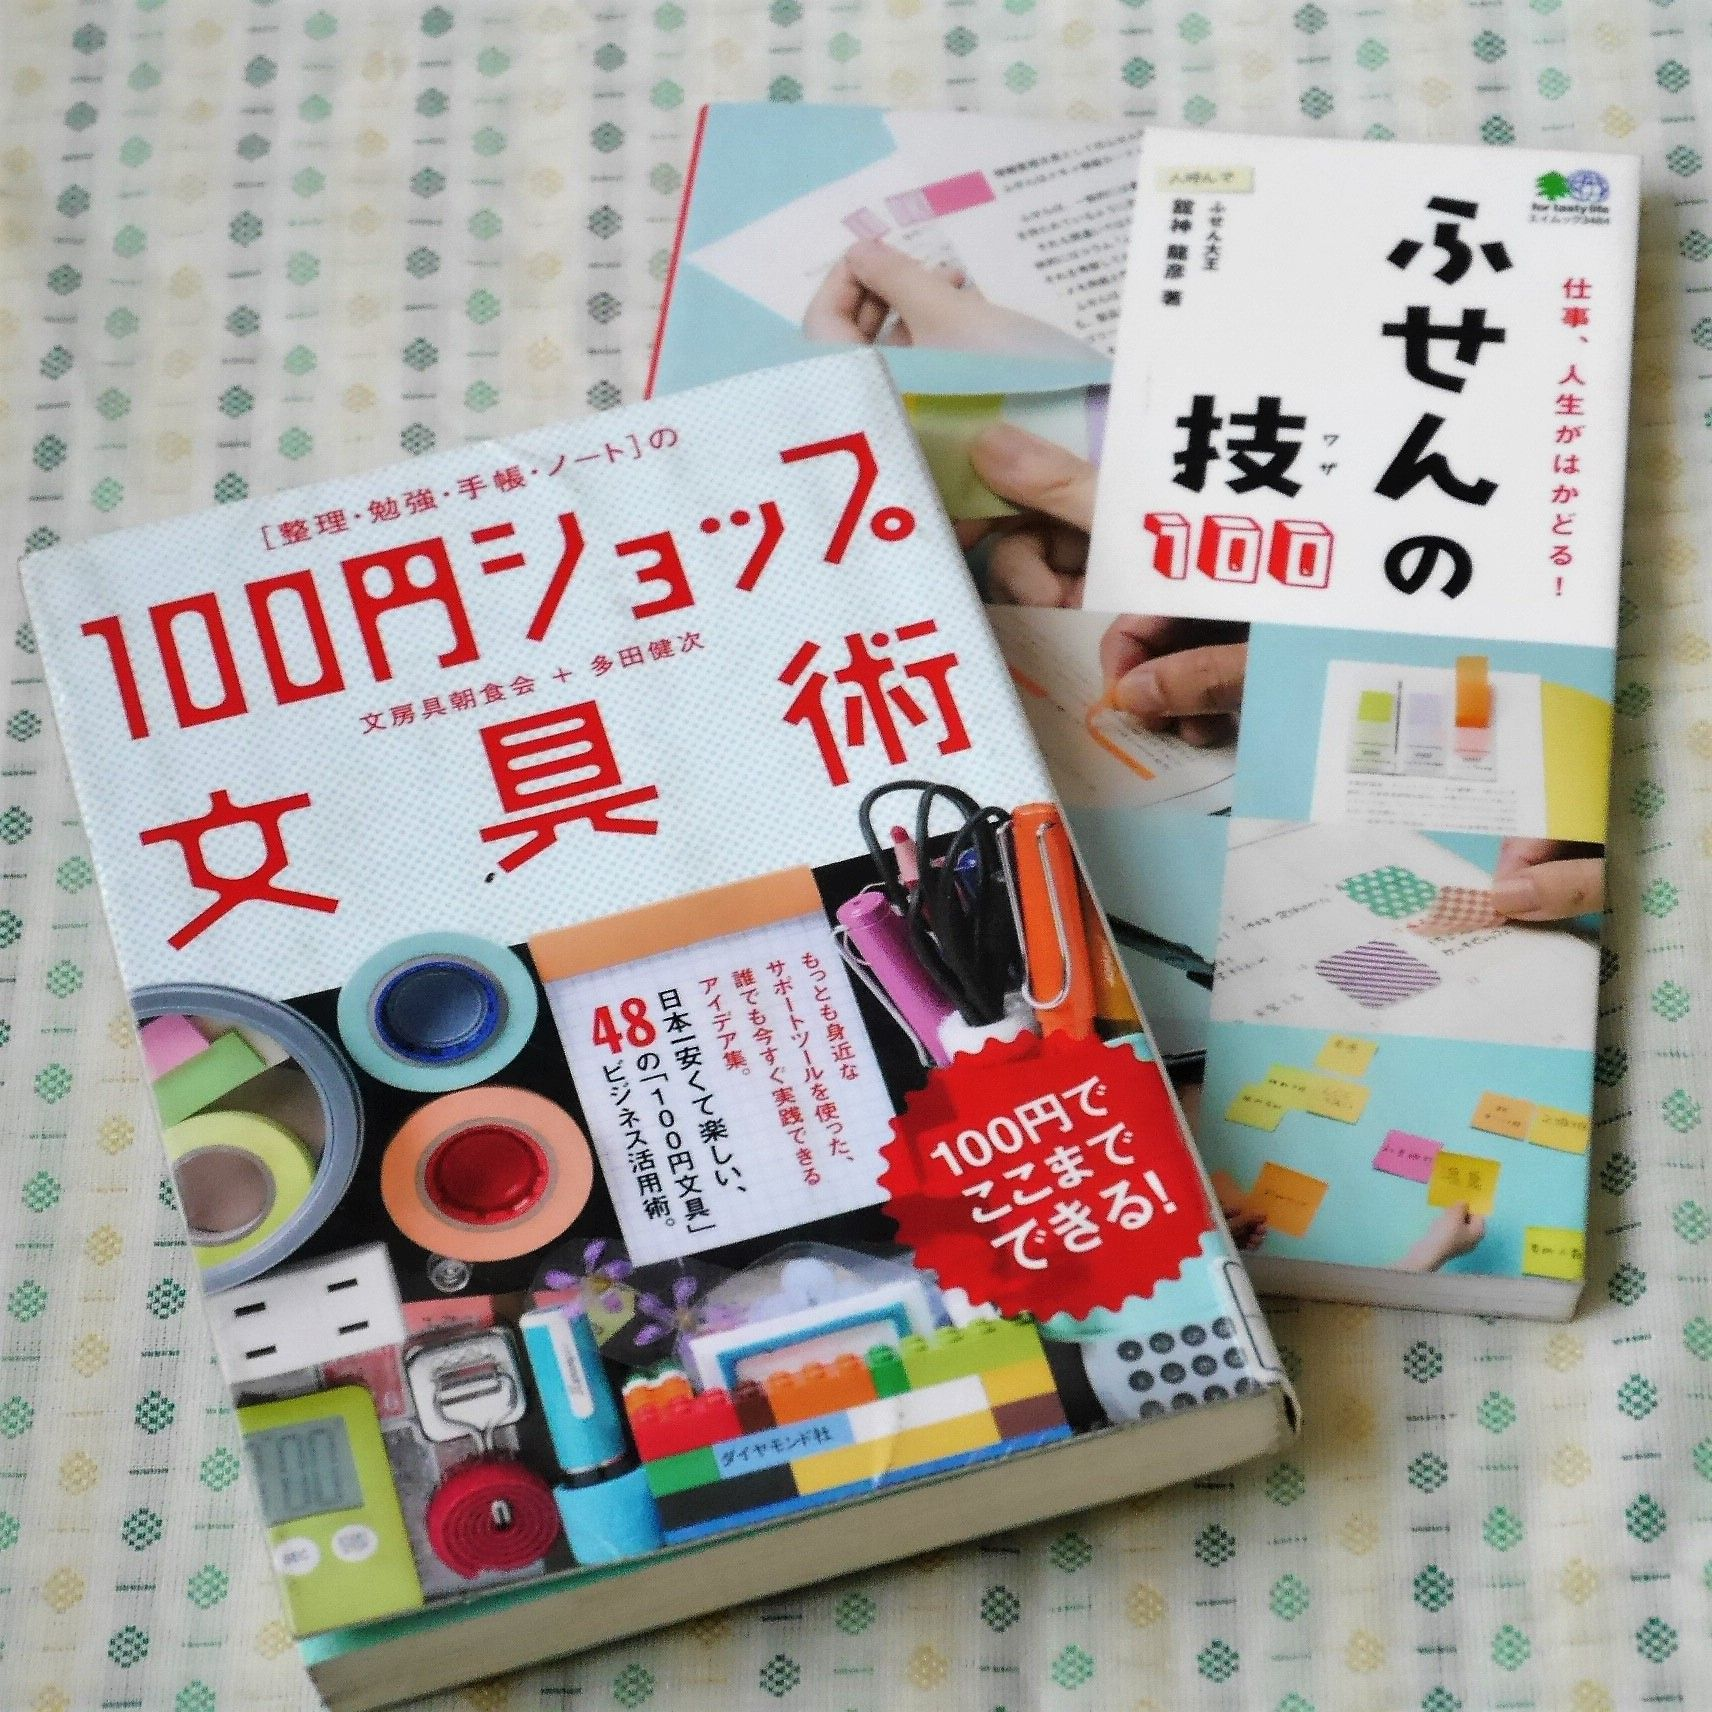 ふせんの技100&100円ショップ文具術